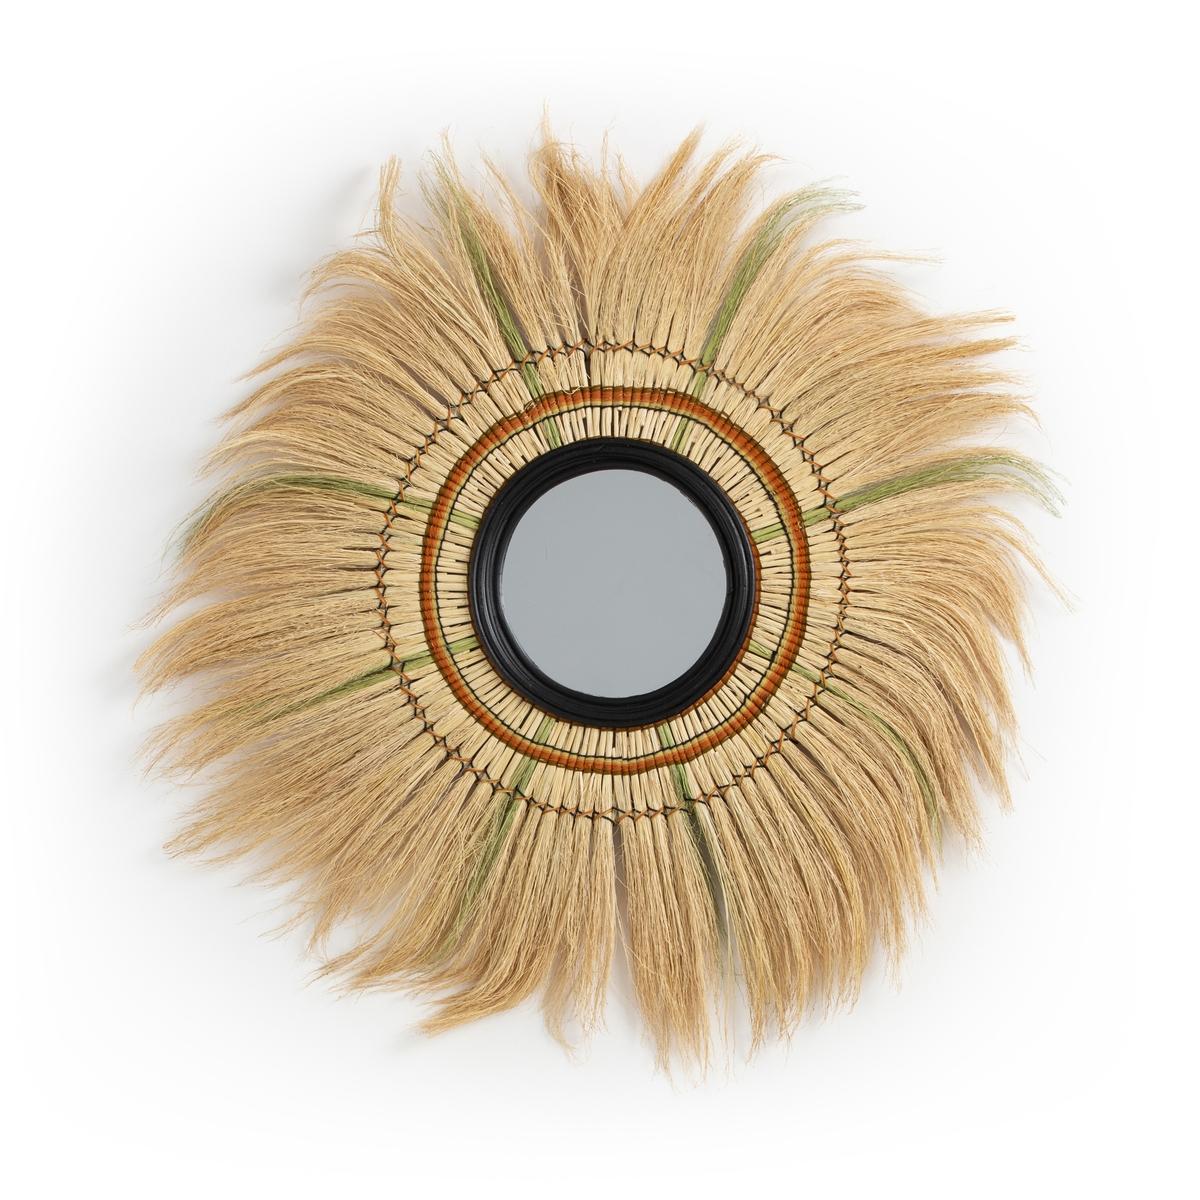 Зеркало LaRedoute С бахромой из растительного волокна 100 см Mane единый размер бежевый